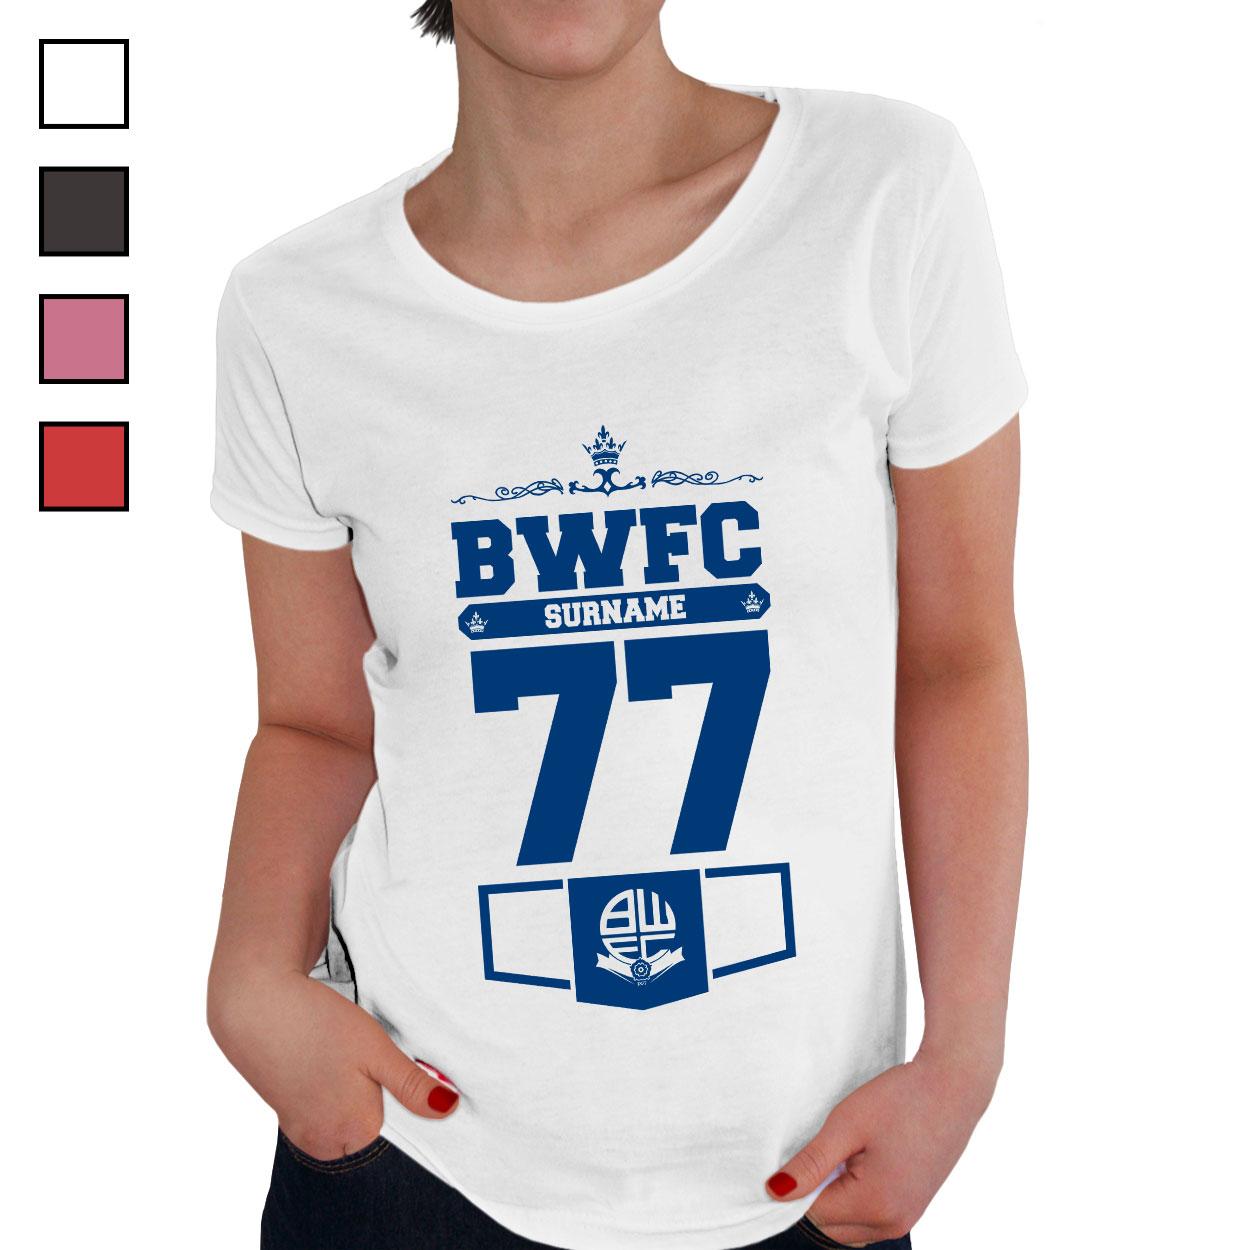 Bolton Wanderers FC Ladies Club T-Shirt